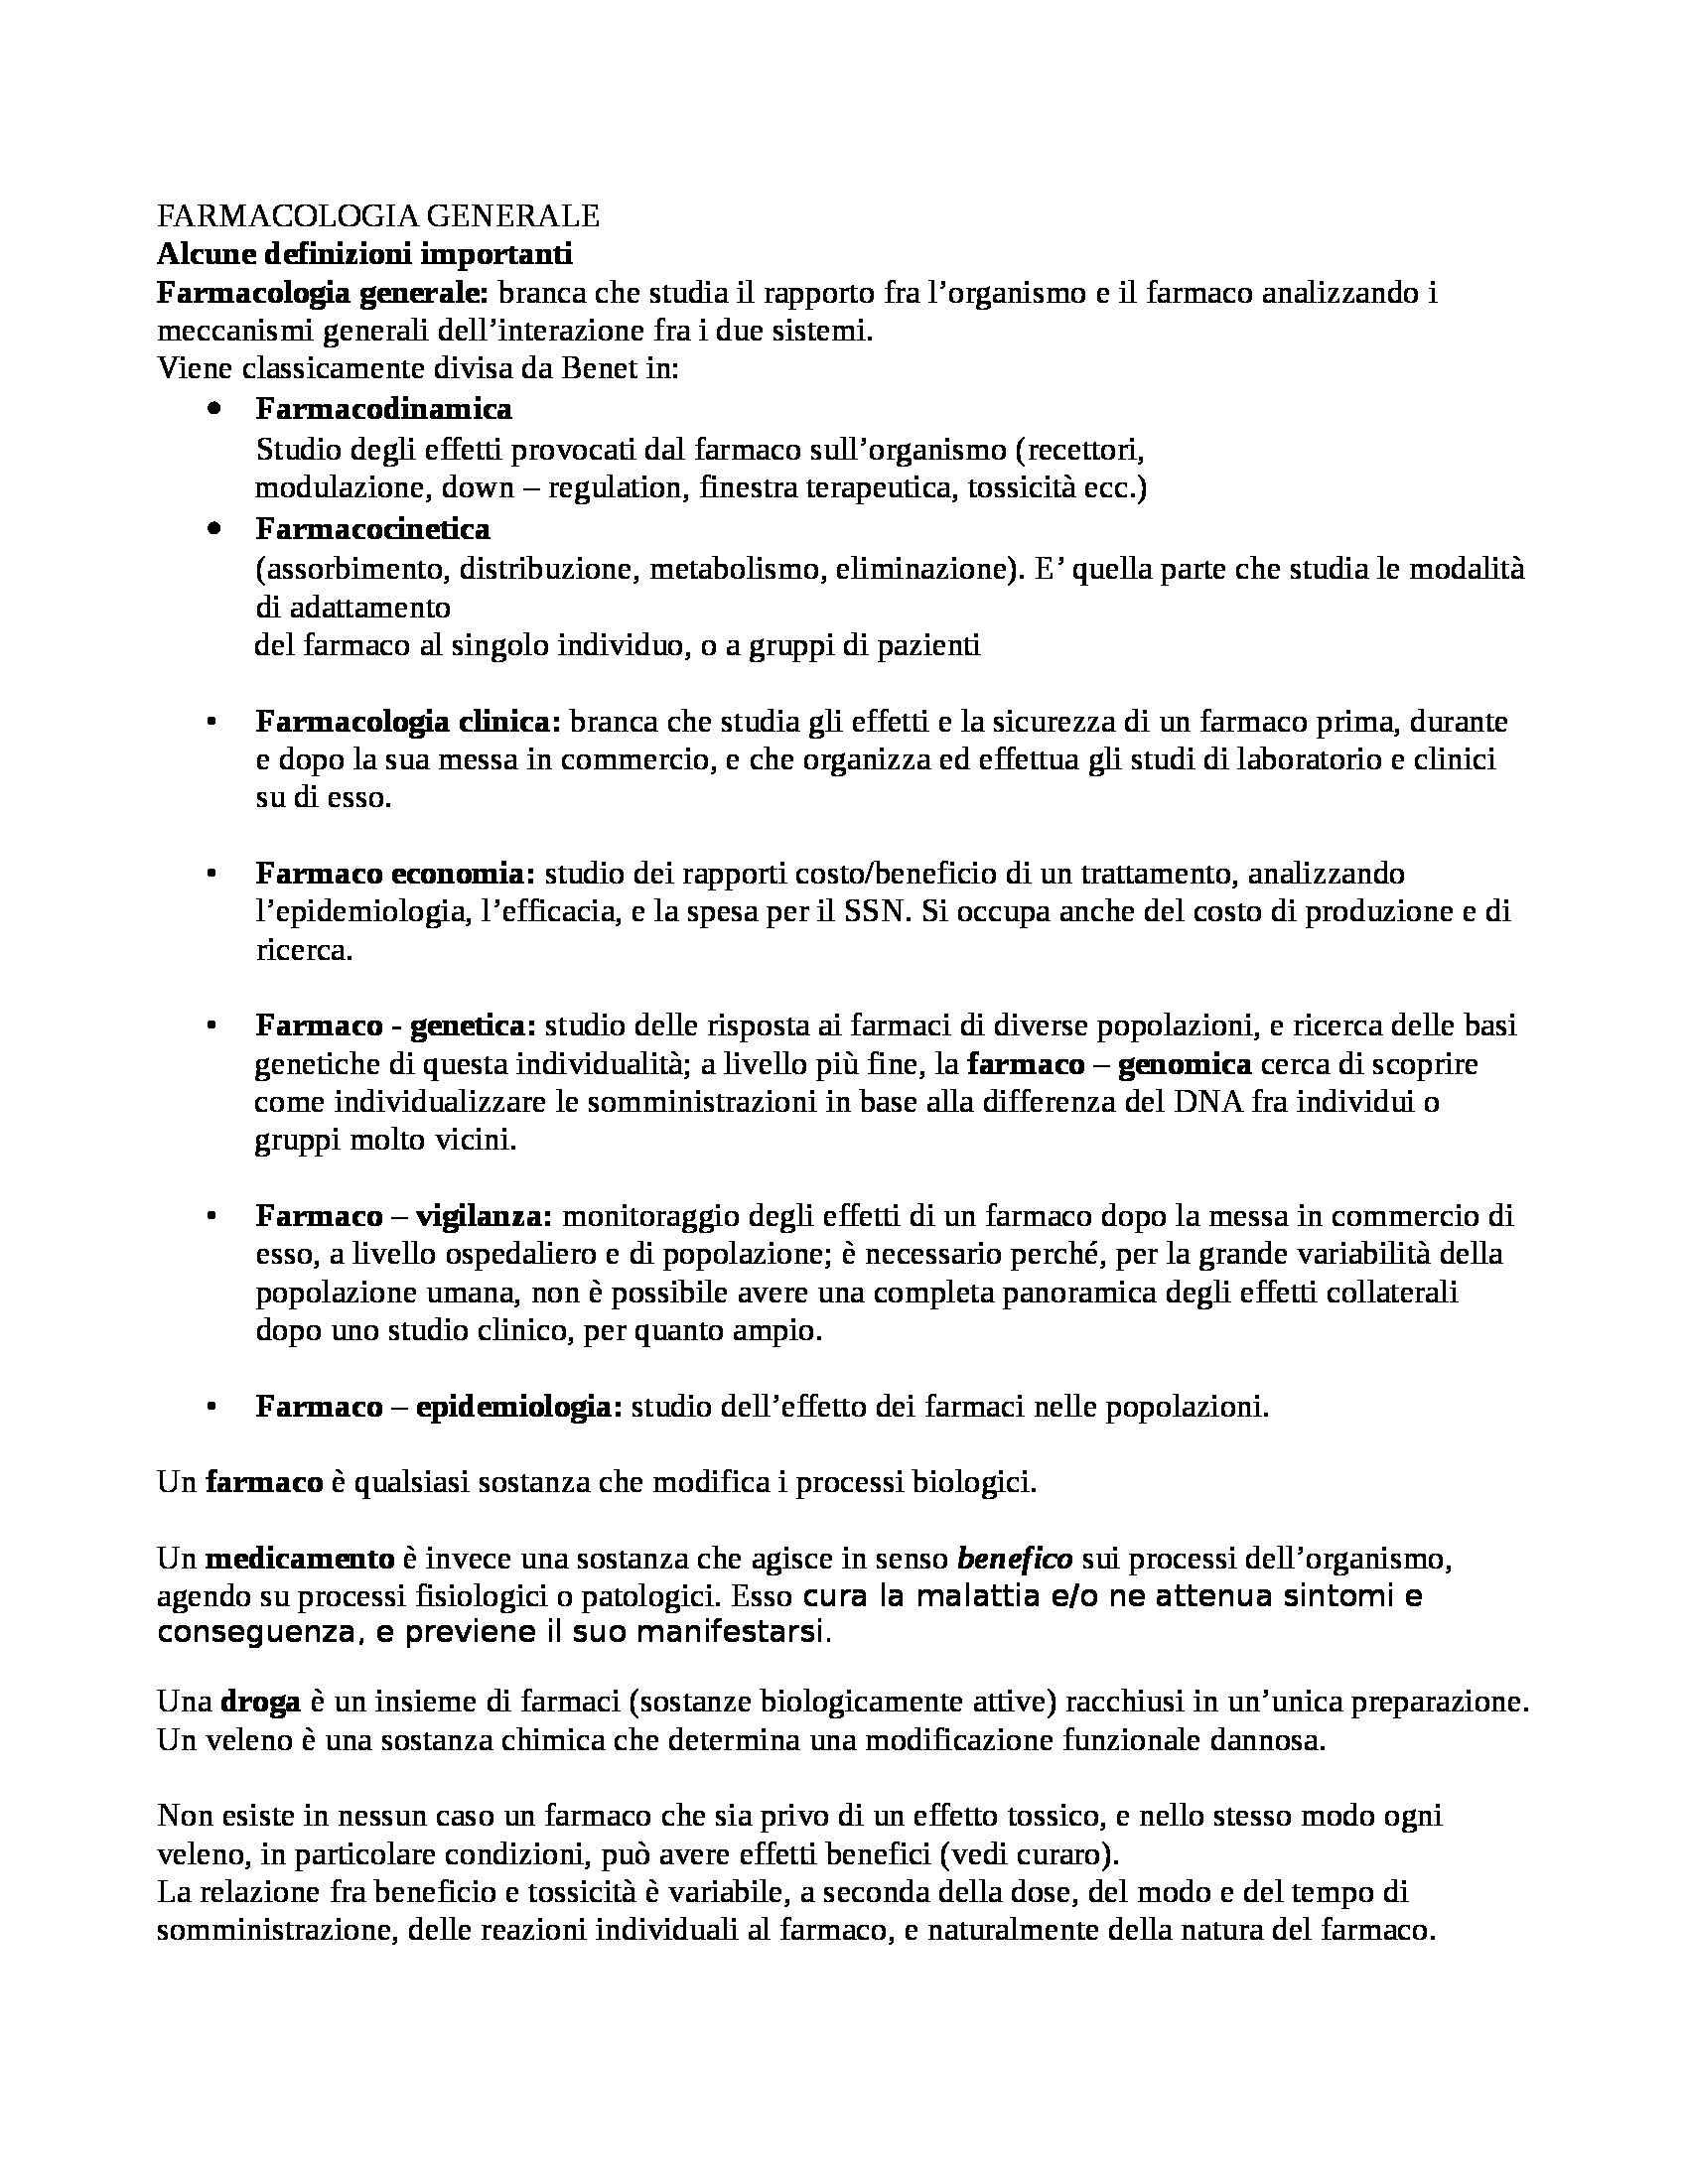 Farmacologia - schema farmacocinetica e dinamica